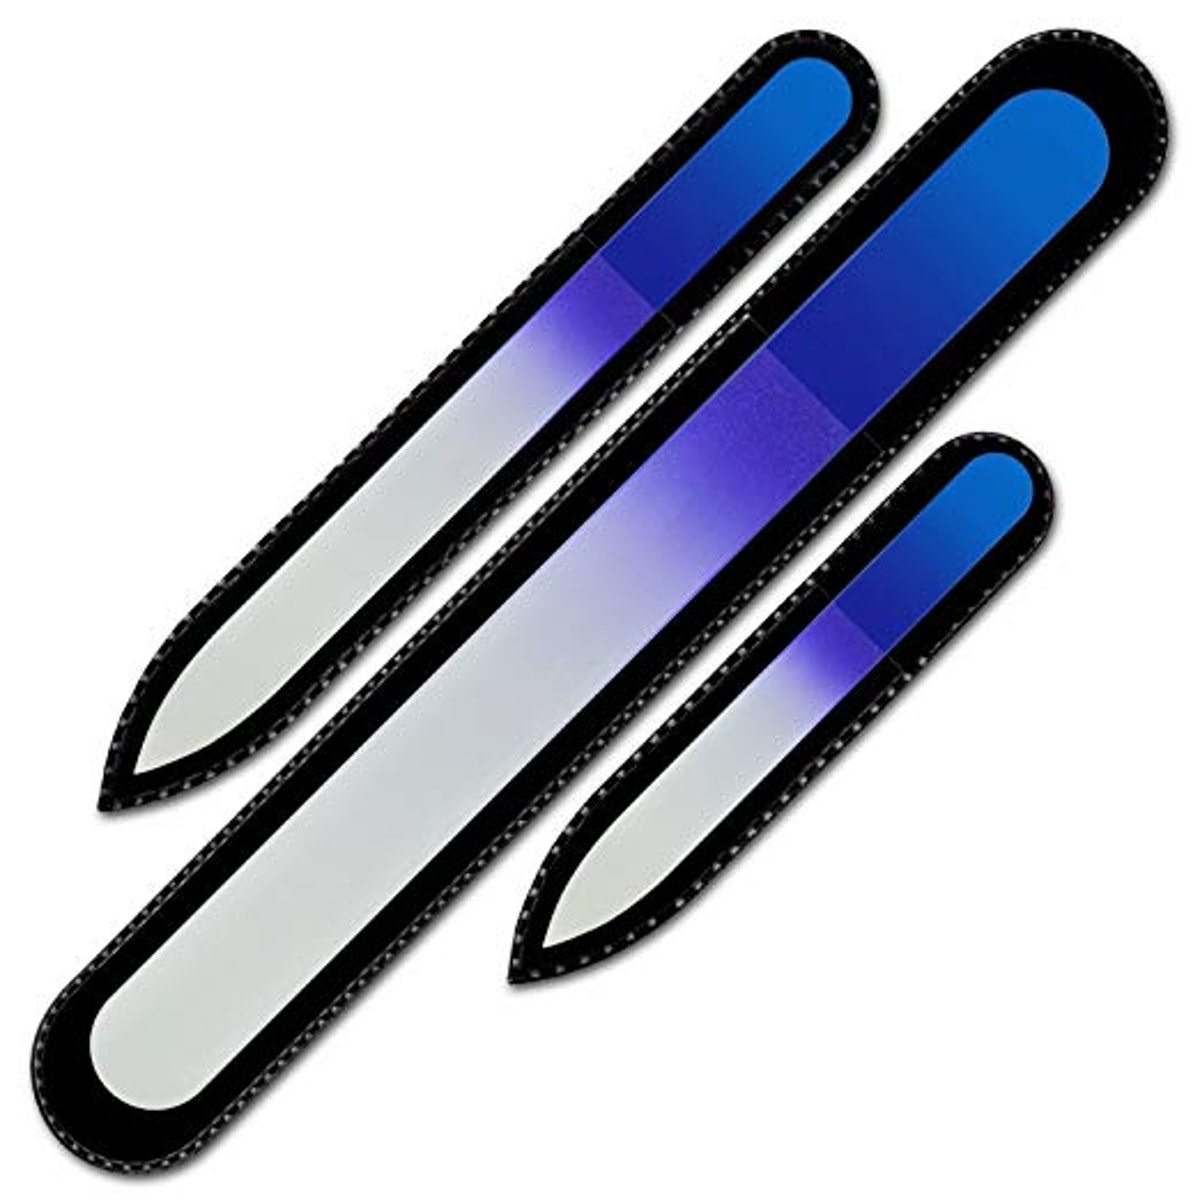 Mont Bleu Crystal Nail Files (3 Pack)